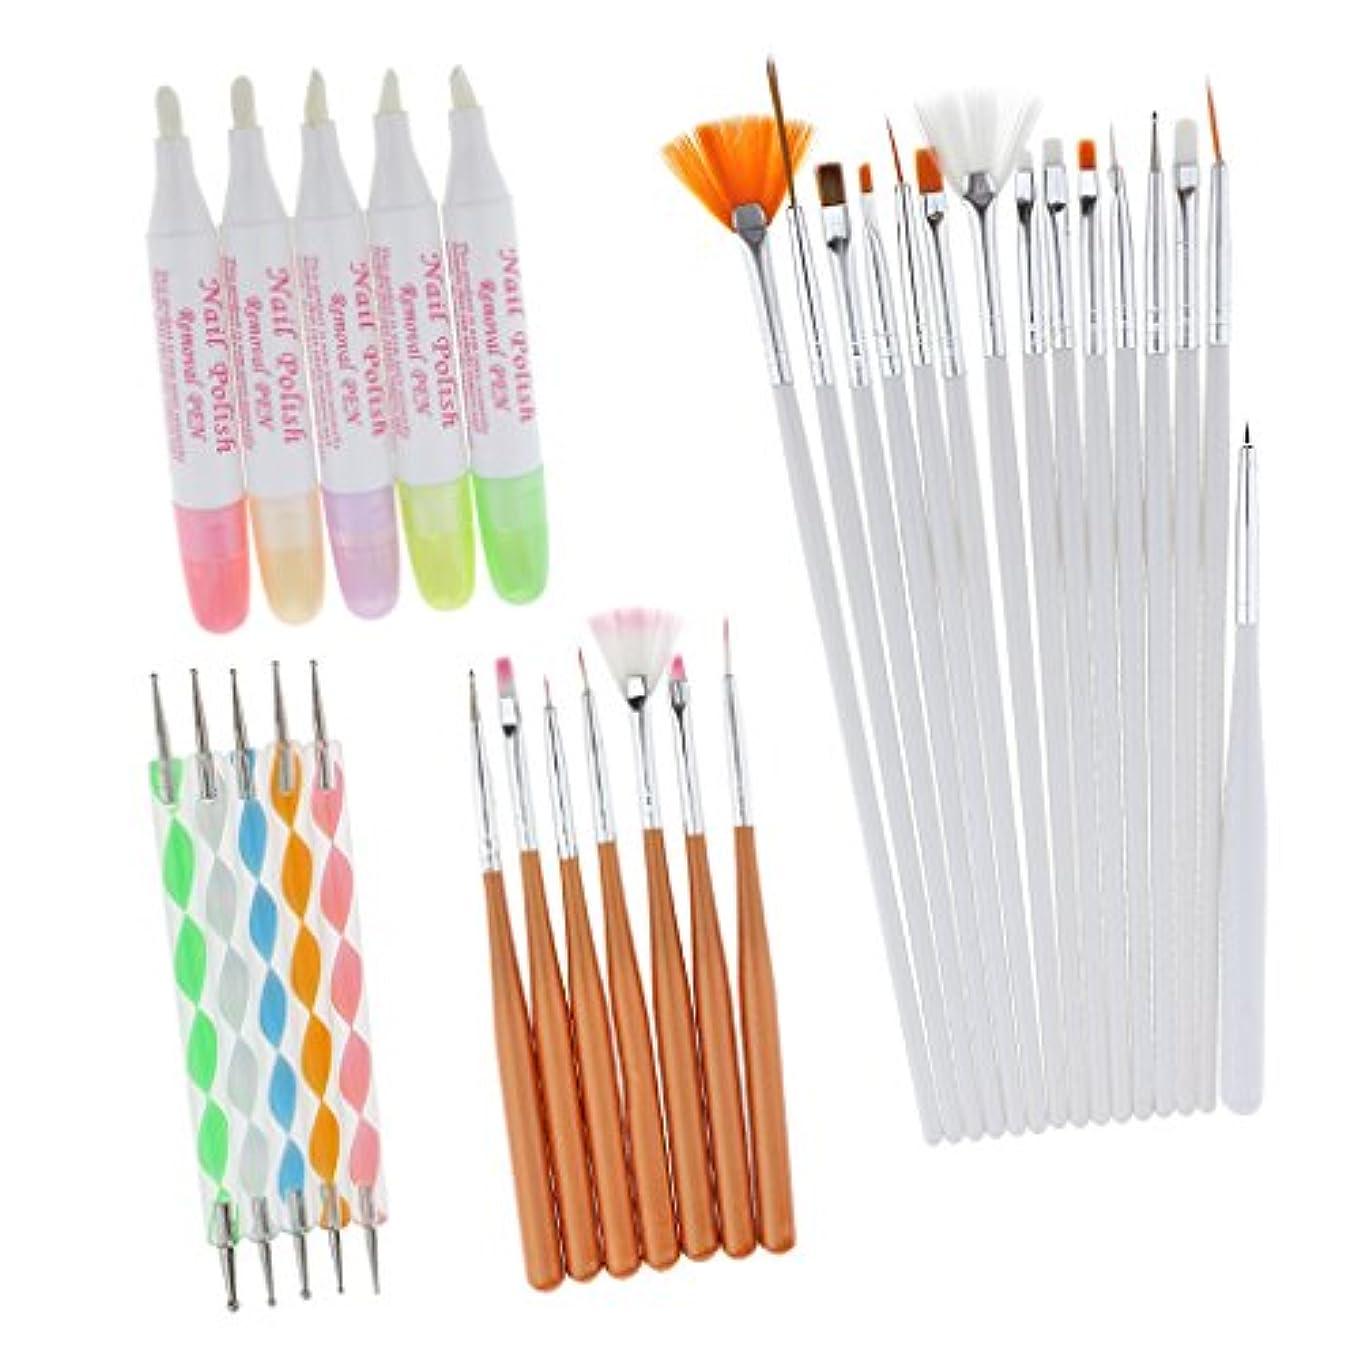 メンバー啓発するくToygogo 27ピース/個プロフェッショナルネイルアートブラシペンセット絵画描画点描ストライピングライナーペンキット+ 5ピース/個ネイルポリッシュコレクターペン